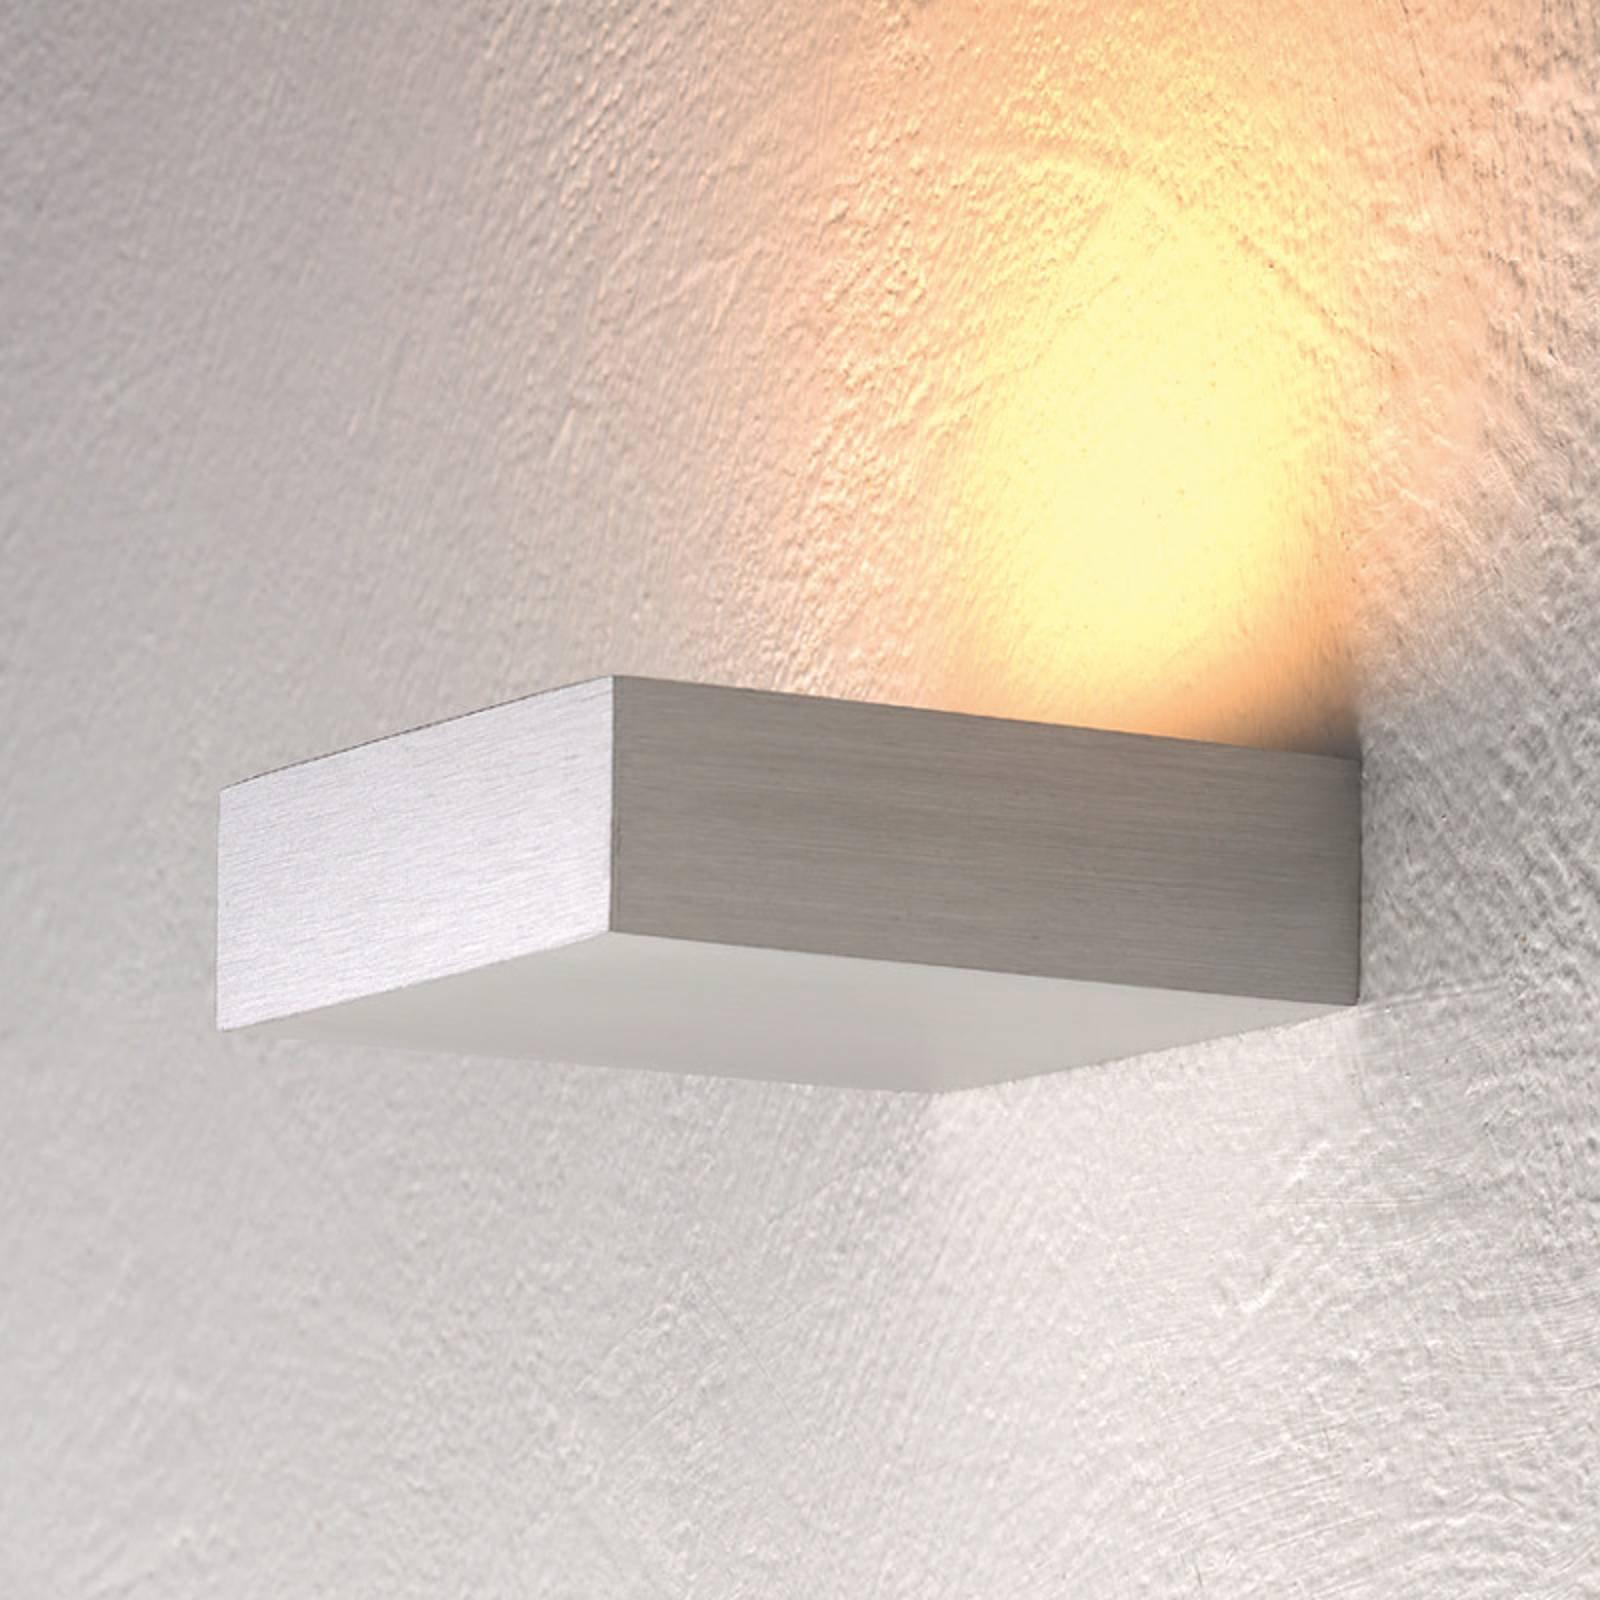 Diskre LED-uplight Cubus for vegg